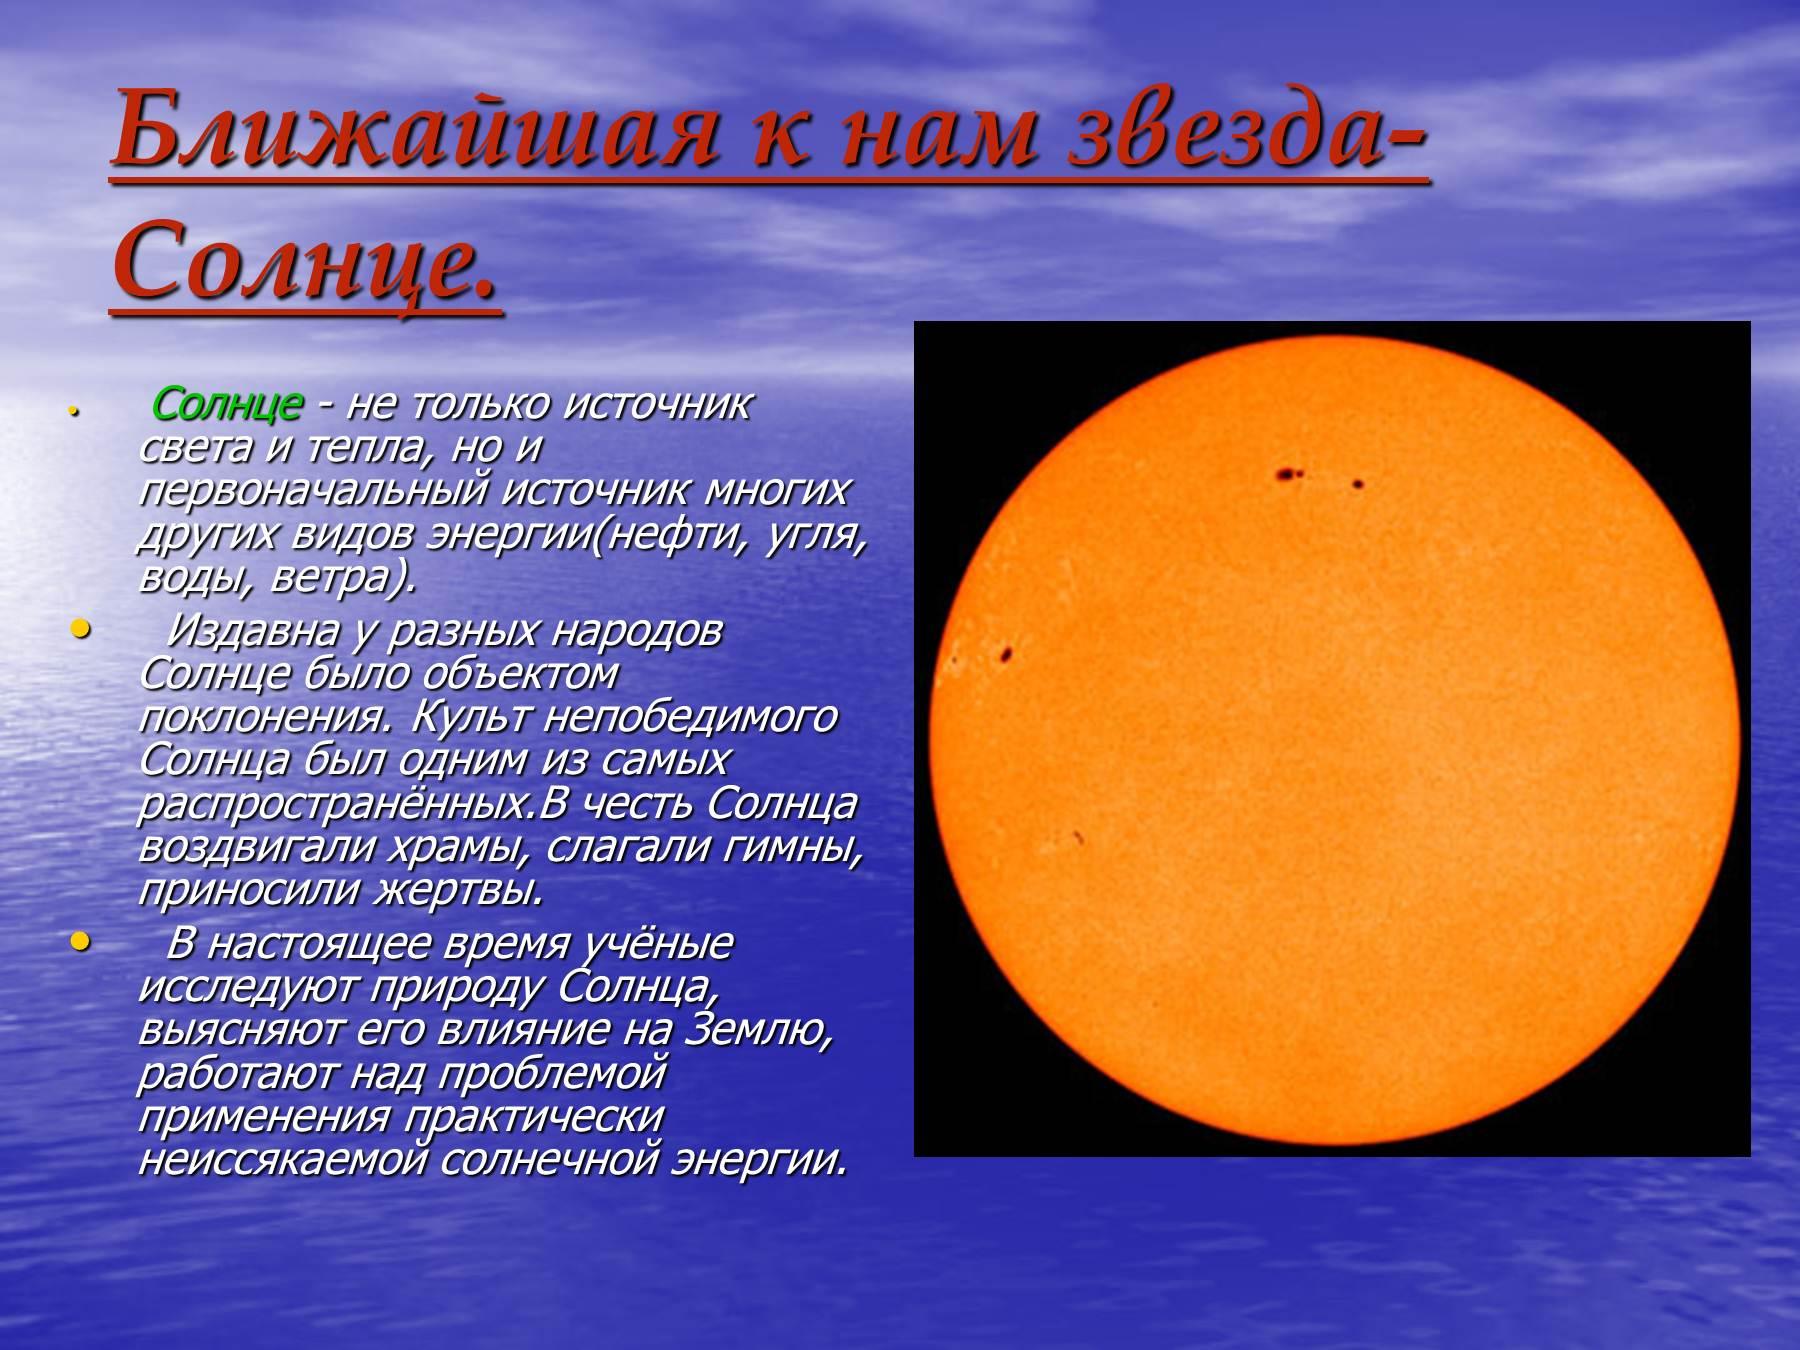 сообщение о солнце с картинками фото